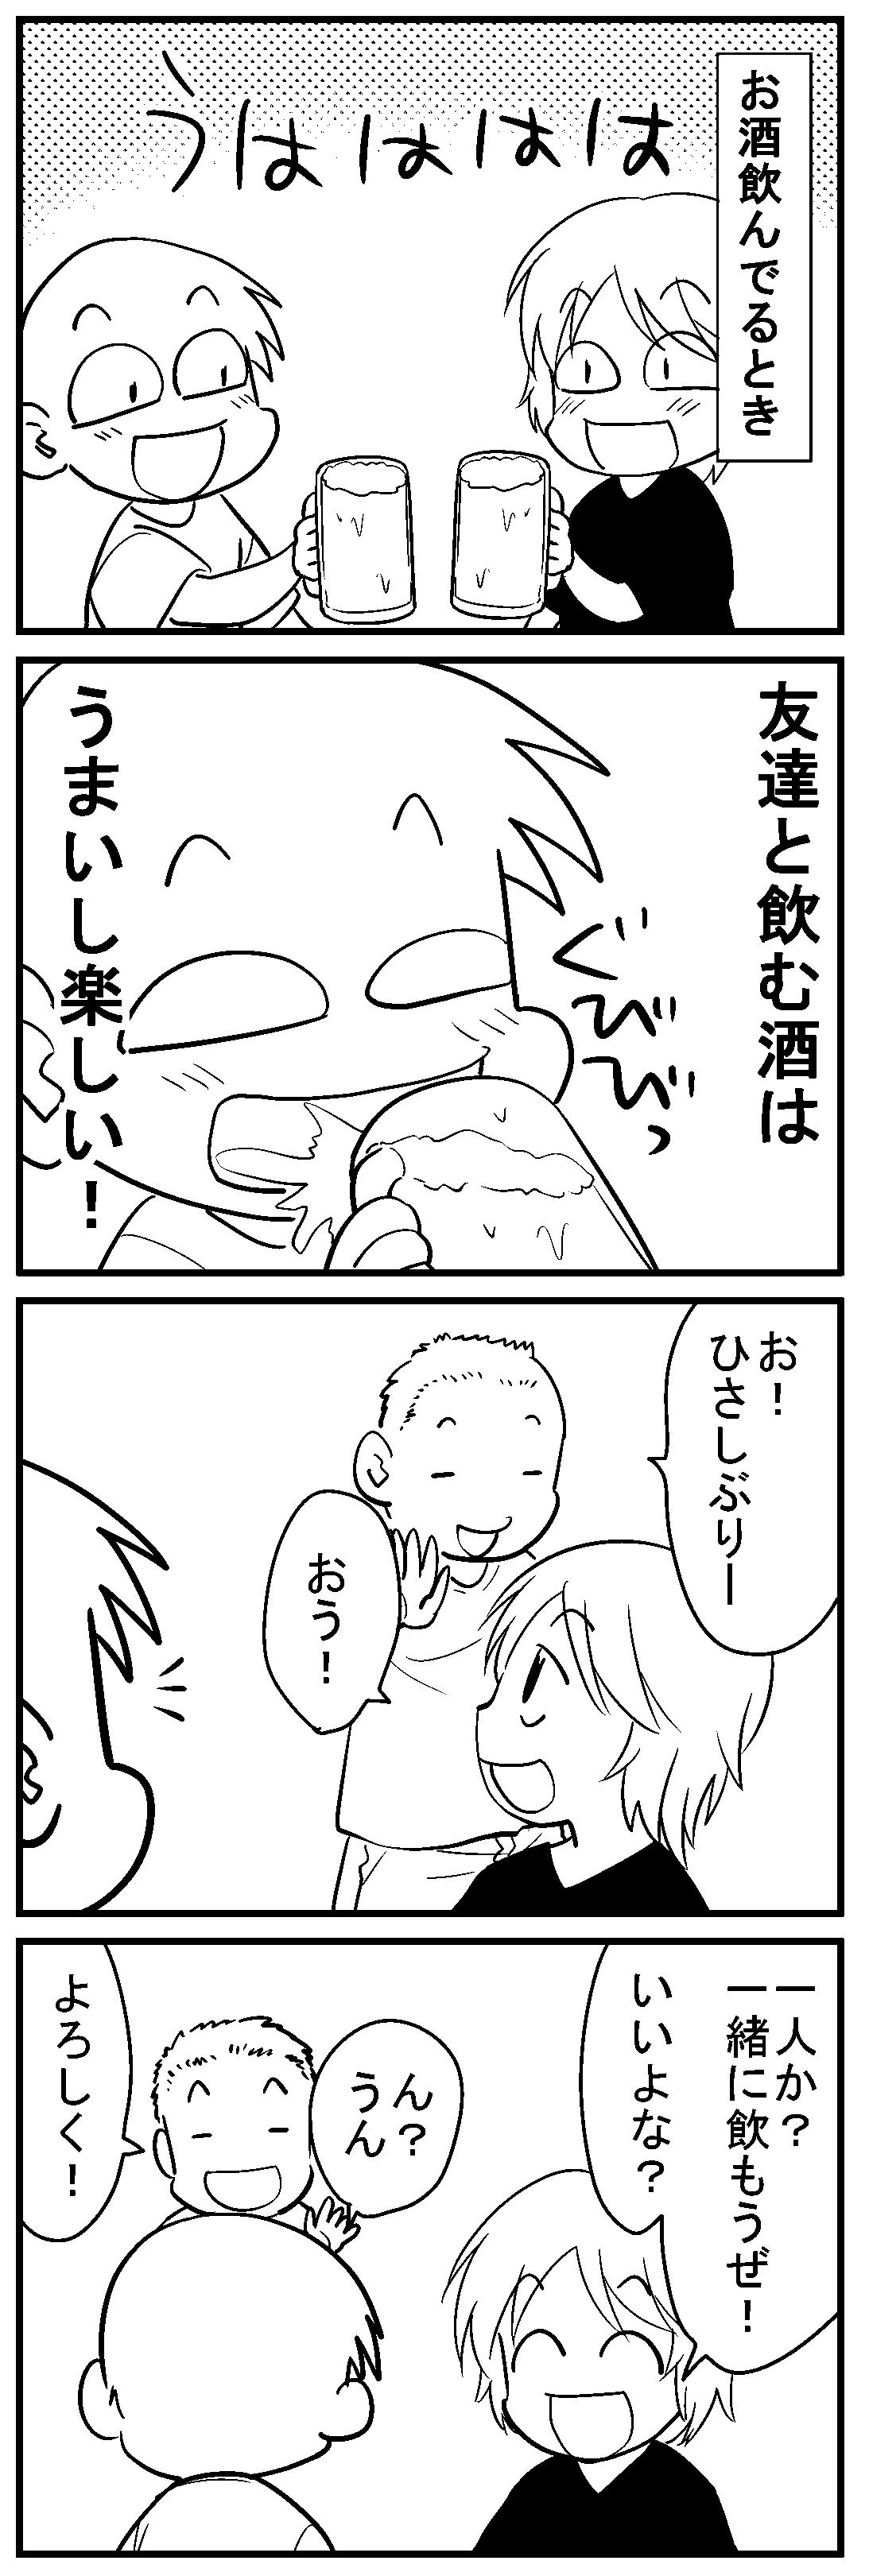 深読みくん78-1